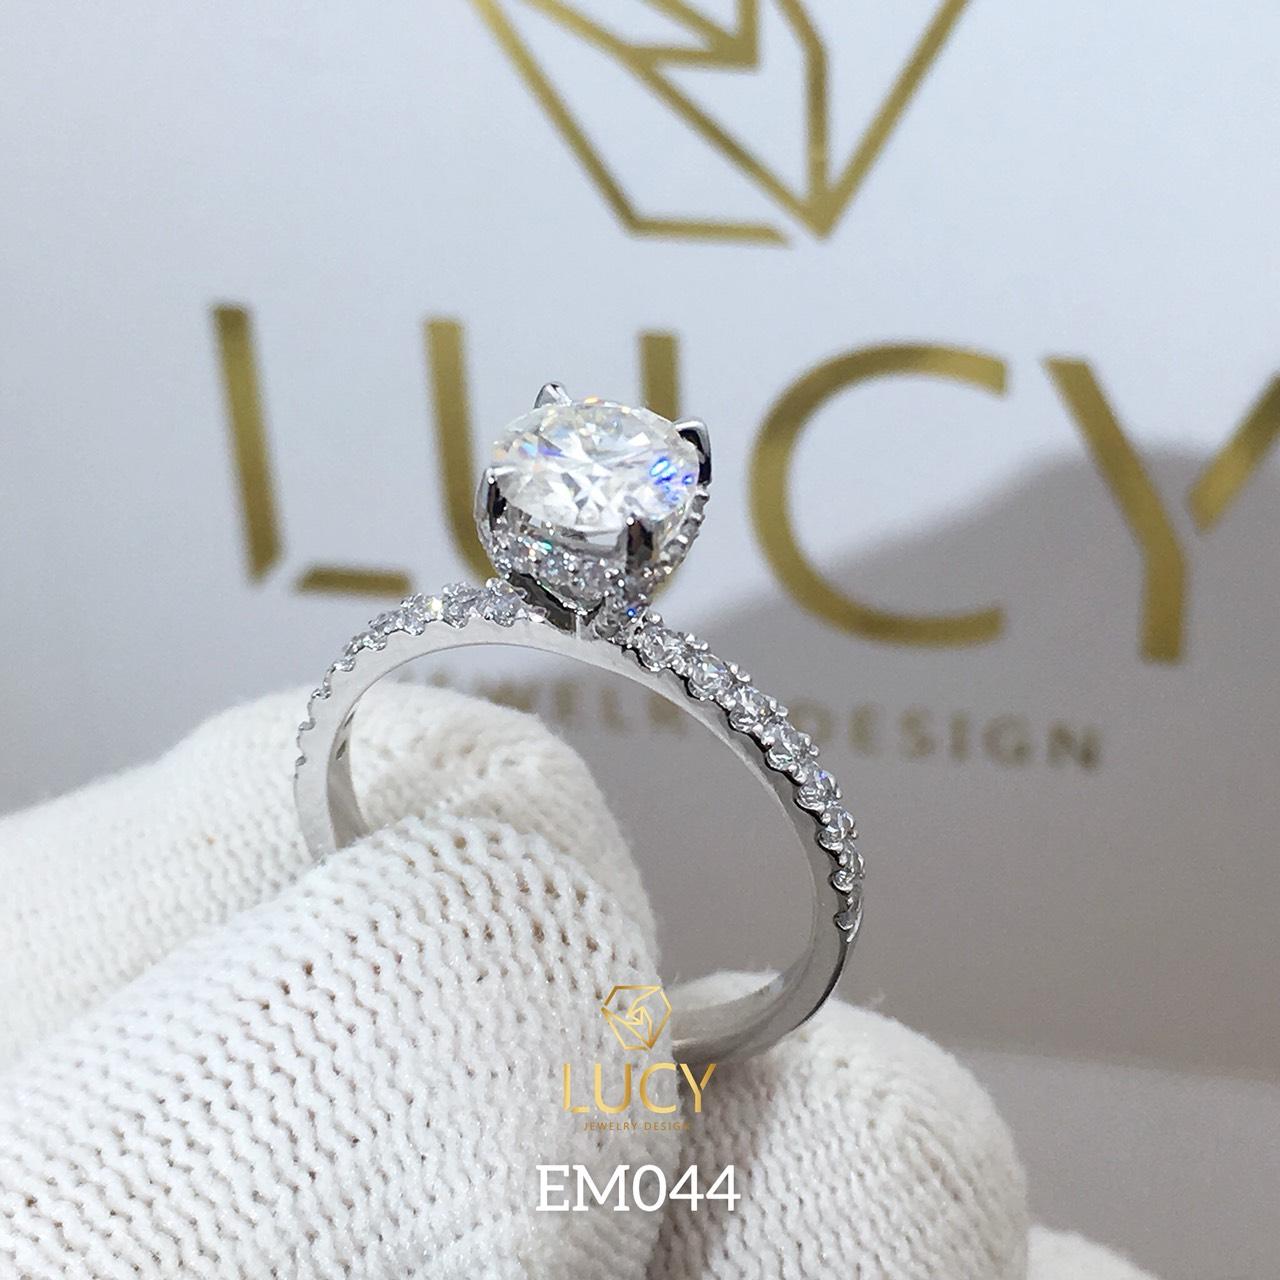 EM044 Nhẫn nữ vàng, nhẫn ổ 6mm, nhẫn nữ thiết kế, nhẫn cầu hôn, nhẫn đính hôn - Lucy Jewelry